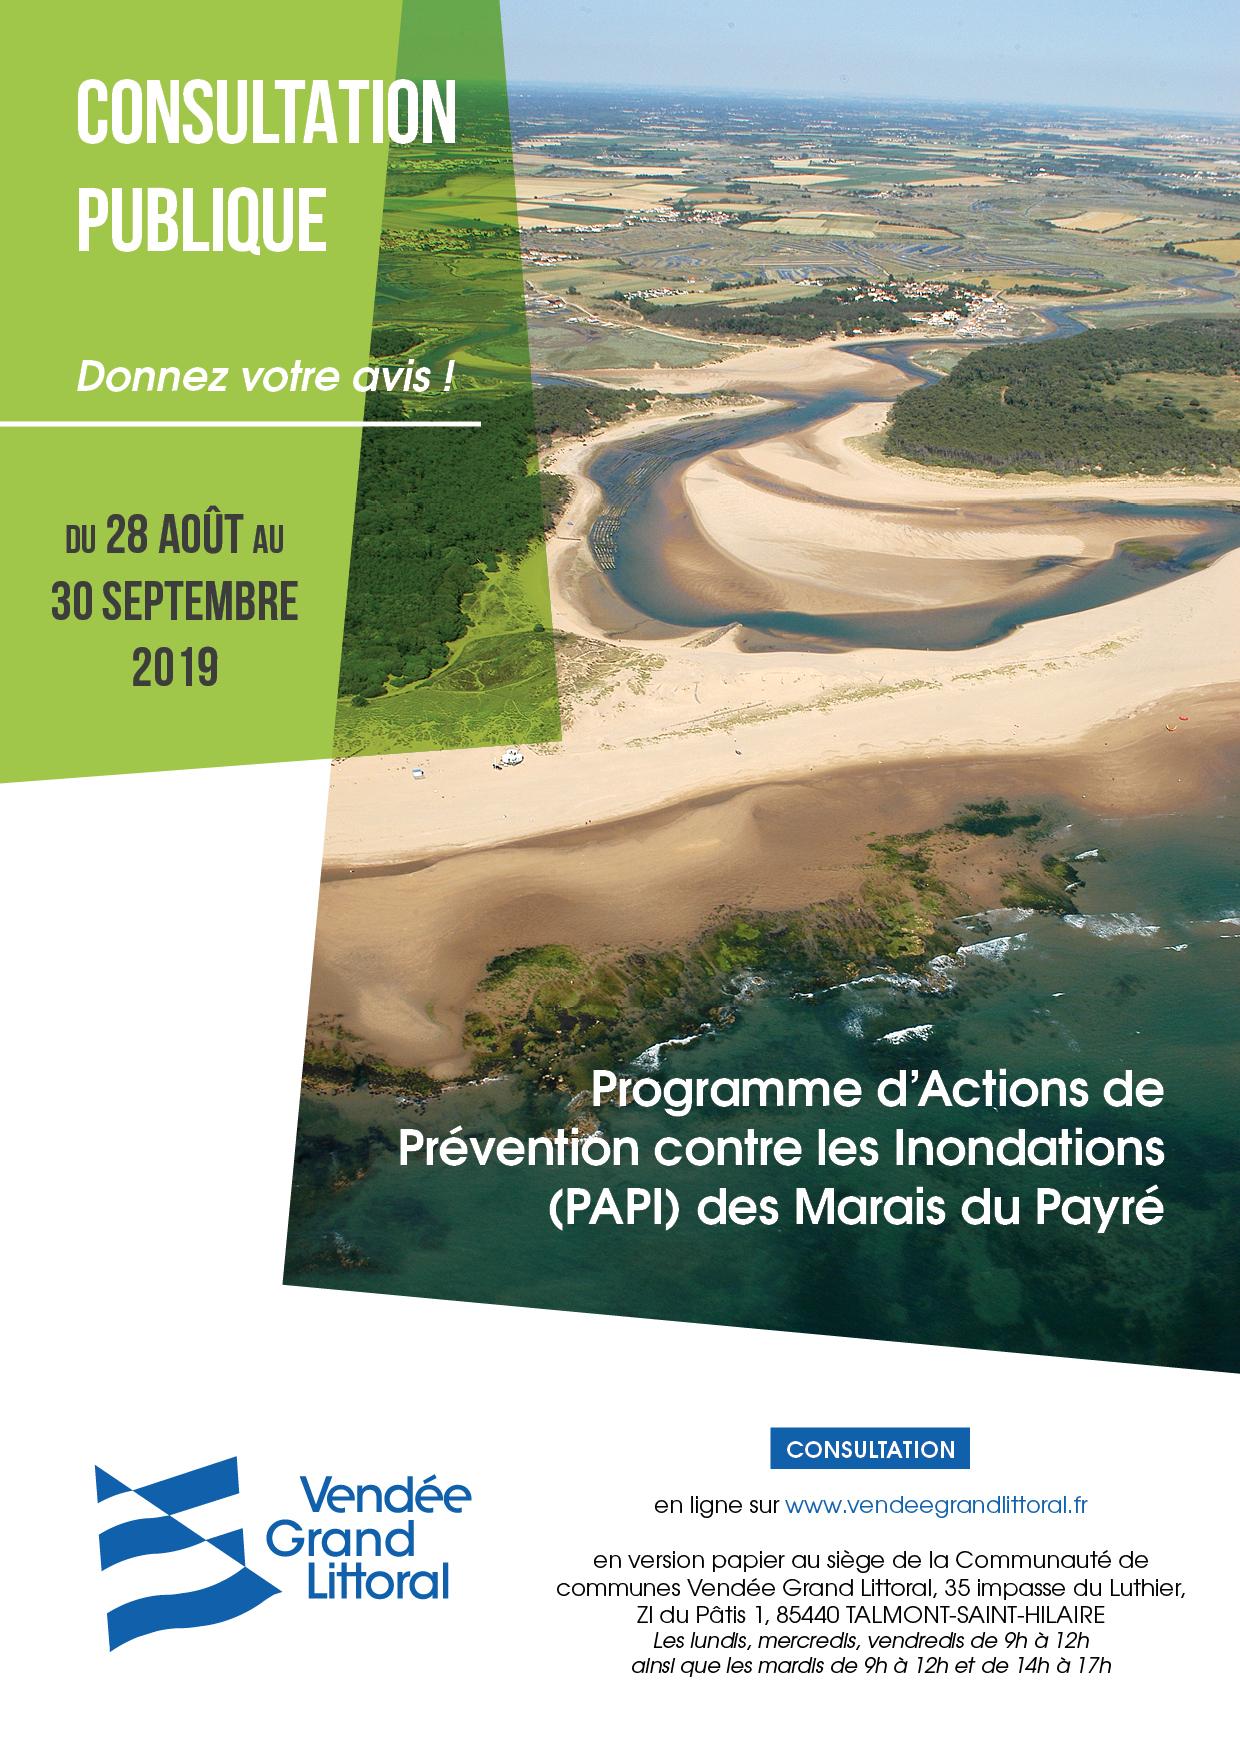 PAPI des Marais du Payré